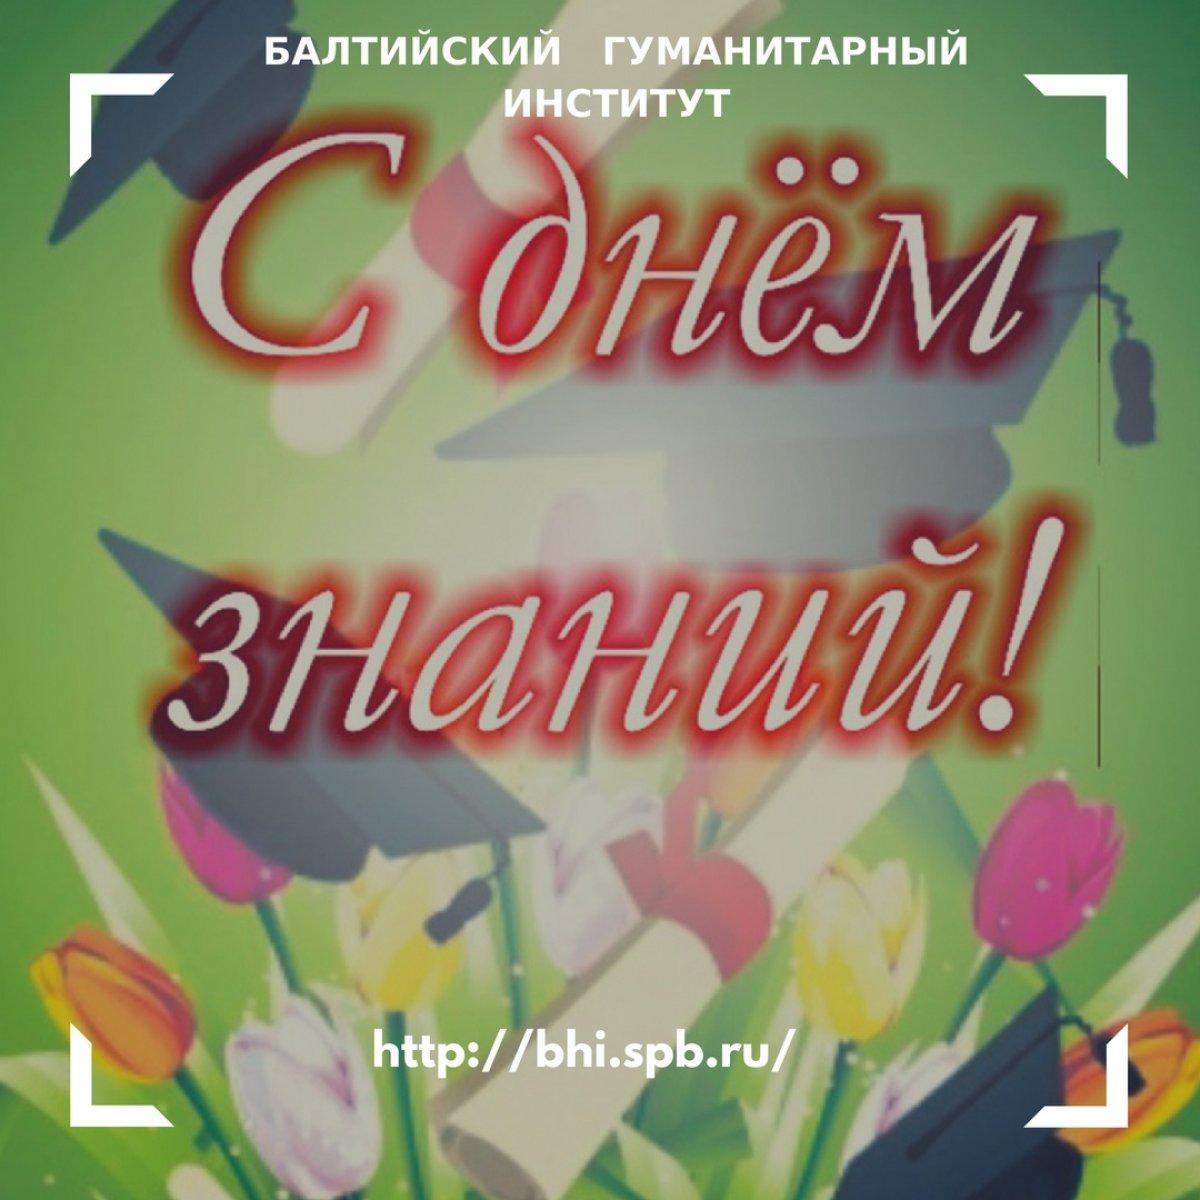 Депутата первое, картинка с 1 сентября для студентов